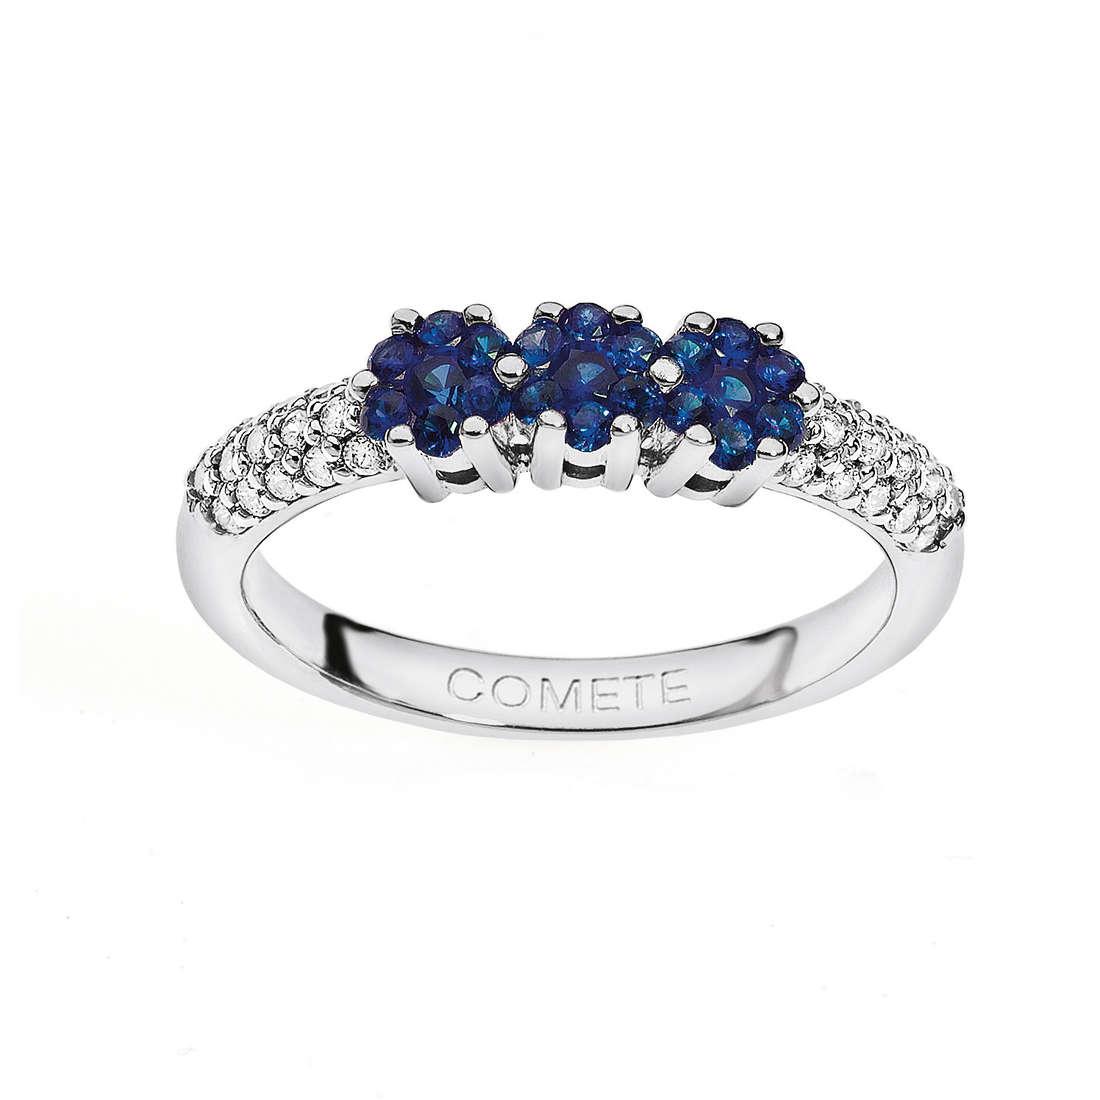 anello donna gioielli Comete Pietre preziose colorate ANB 1484